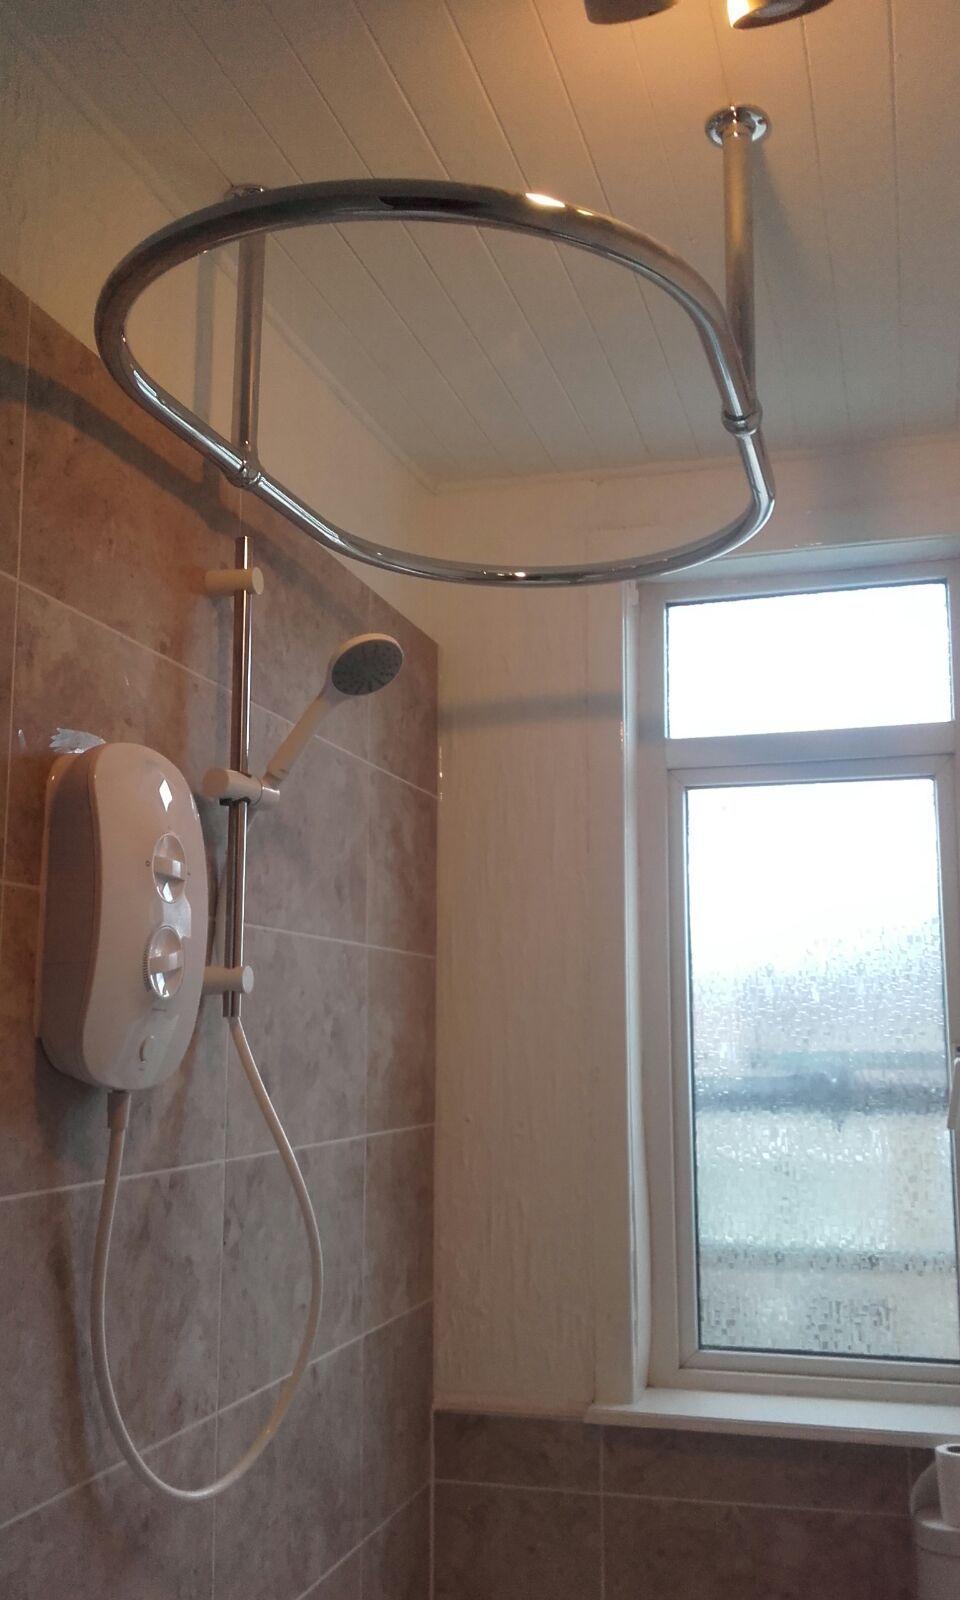 Shower Curtain Ring Installation In Bramley By Uk Bathroom Guru Modern Bathroom Bathroom Shower Curtain Rings